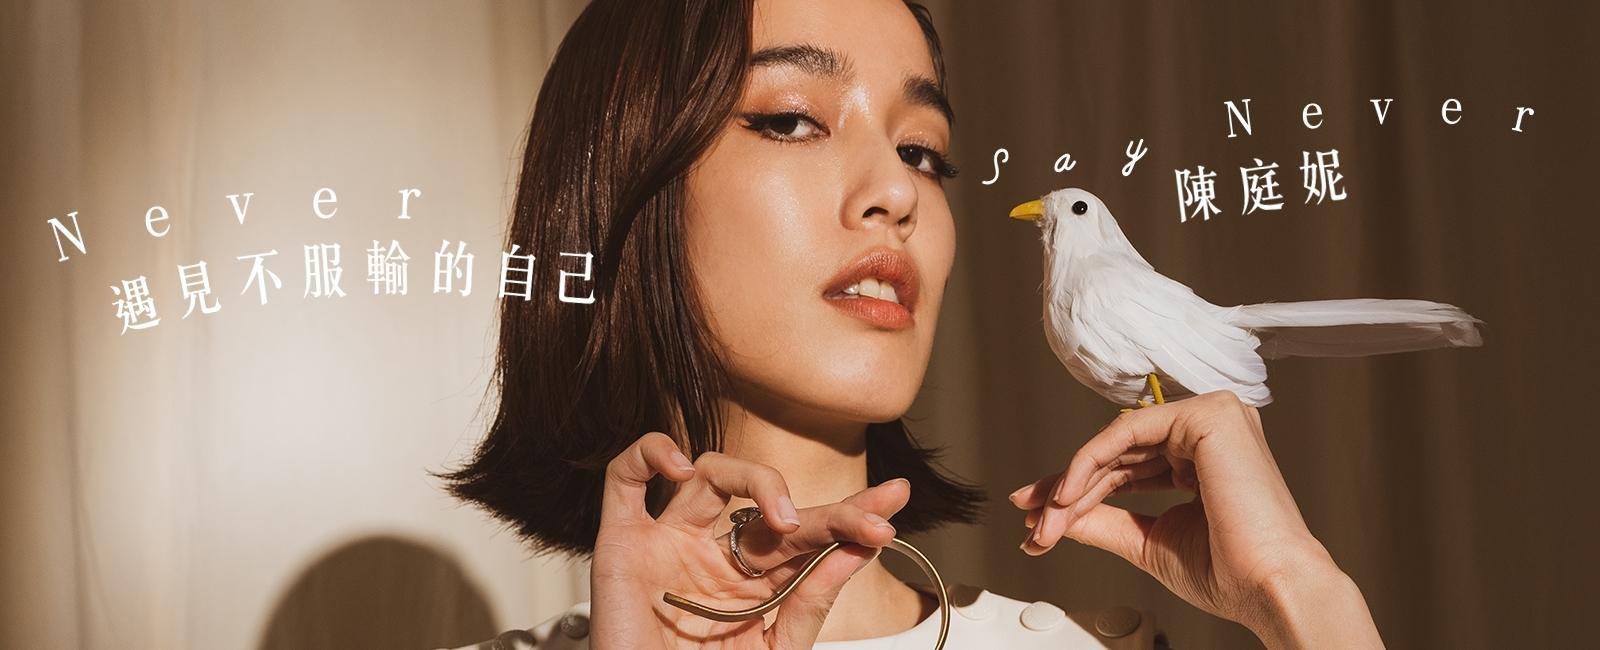 封面專訪/遇見不服輸的自己 陳庭妮